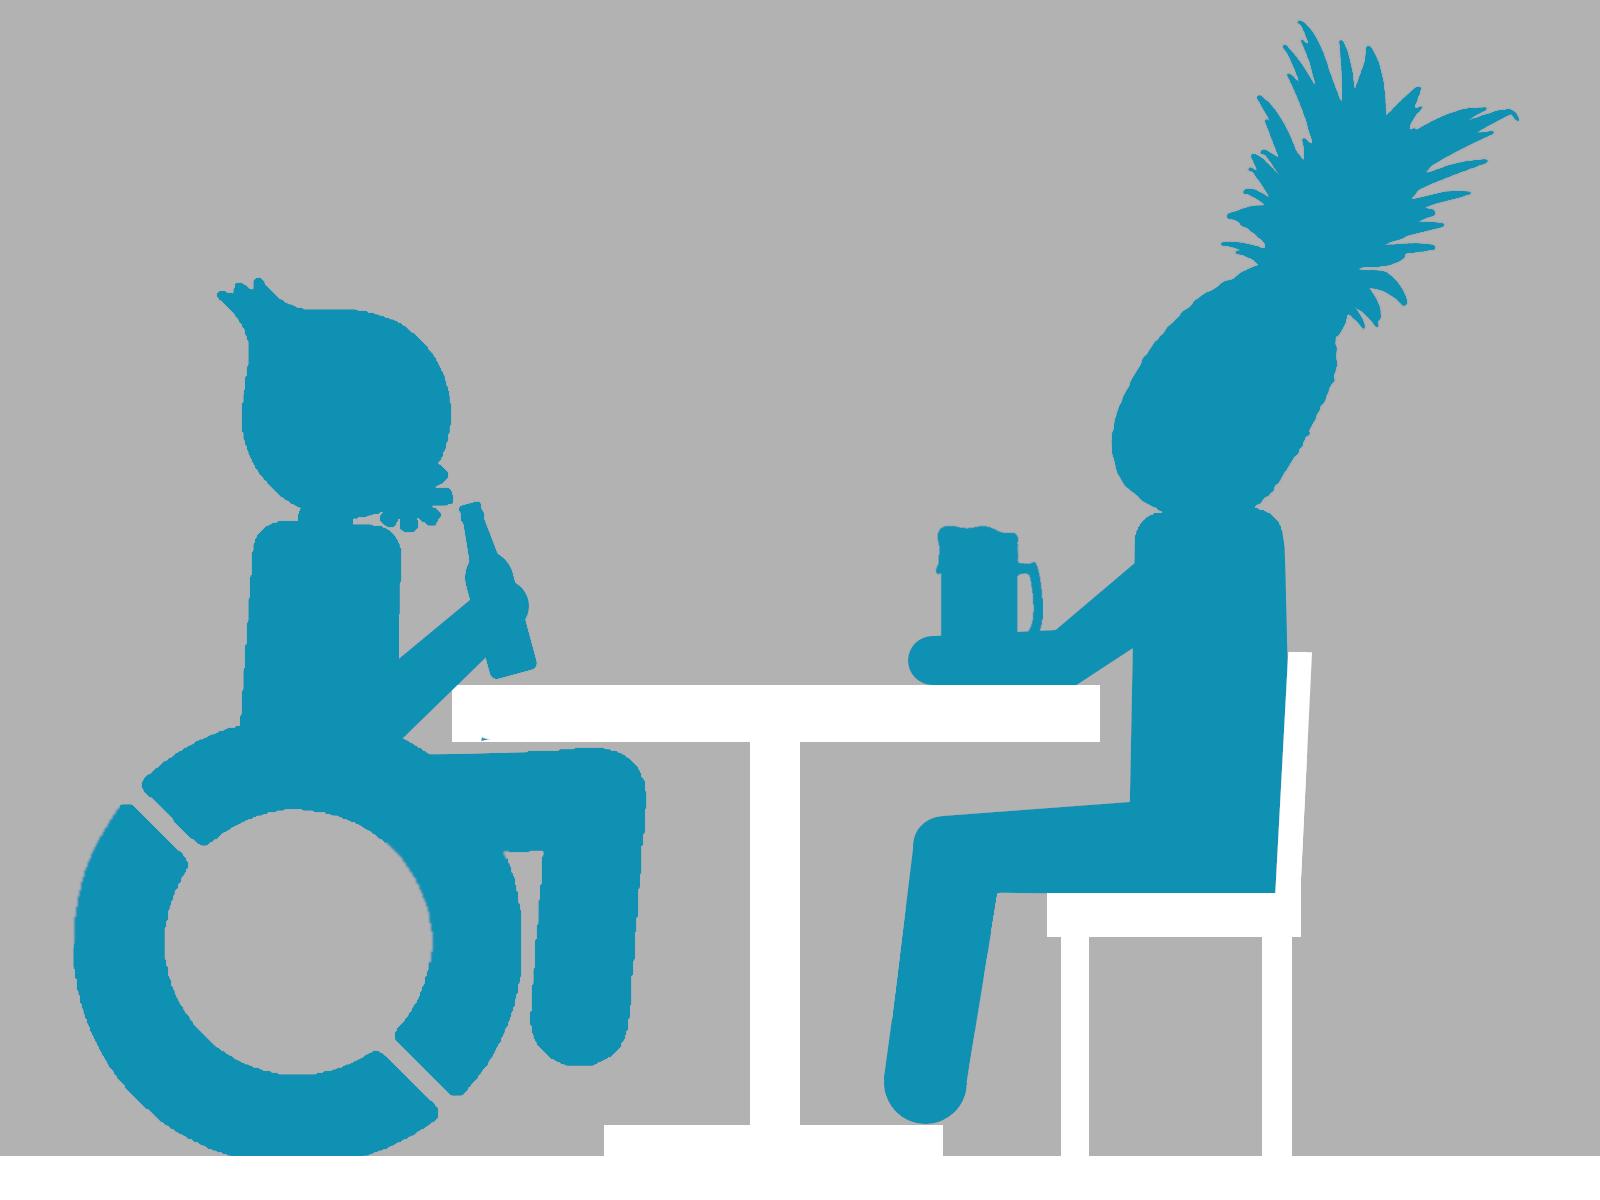 Clipart von zwei Personen, die an einem Tisch sitzen und Bier trinken. Eine der Personen sitzt im Rollstuhl.